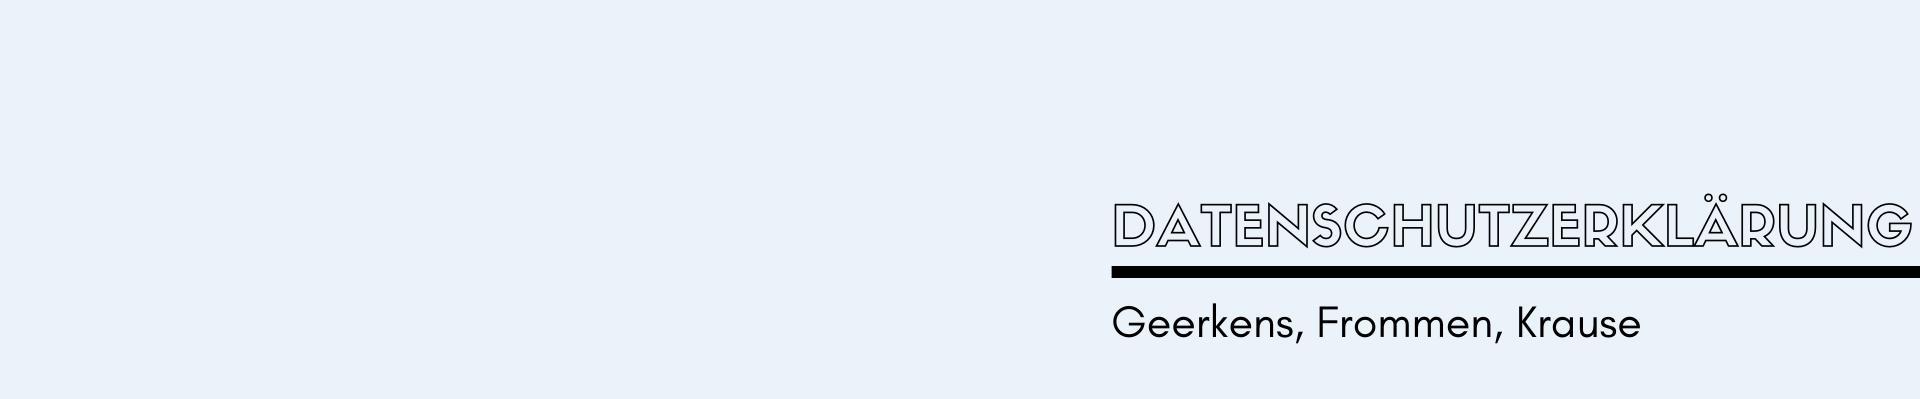 Geerkens - Frommen - Krause: Datenschutzerklärung